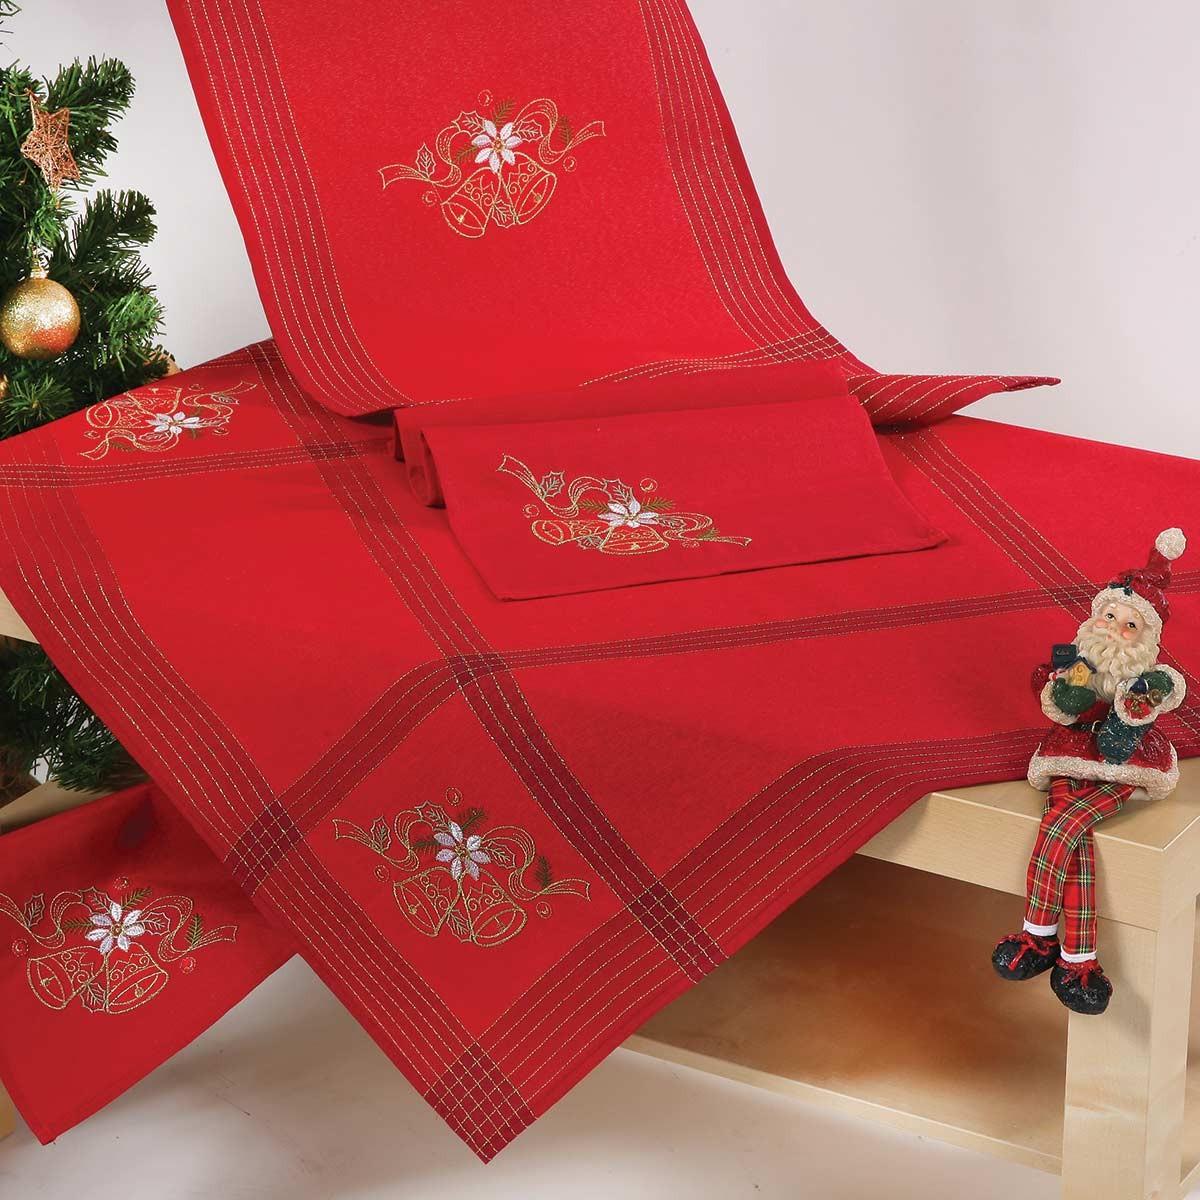 Χριστουγεννιάτικο Τραπεζομάντηλο (140x180) Viopros 3170